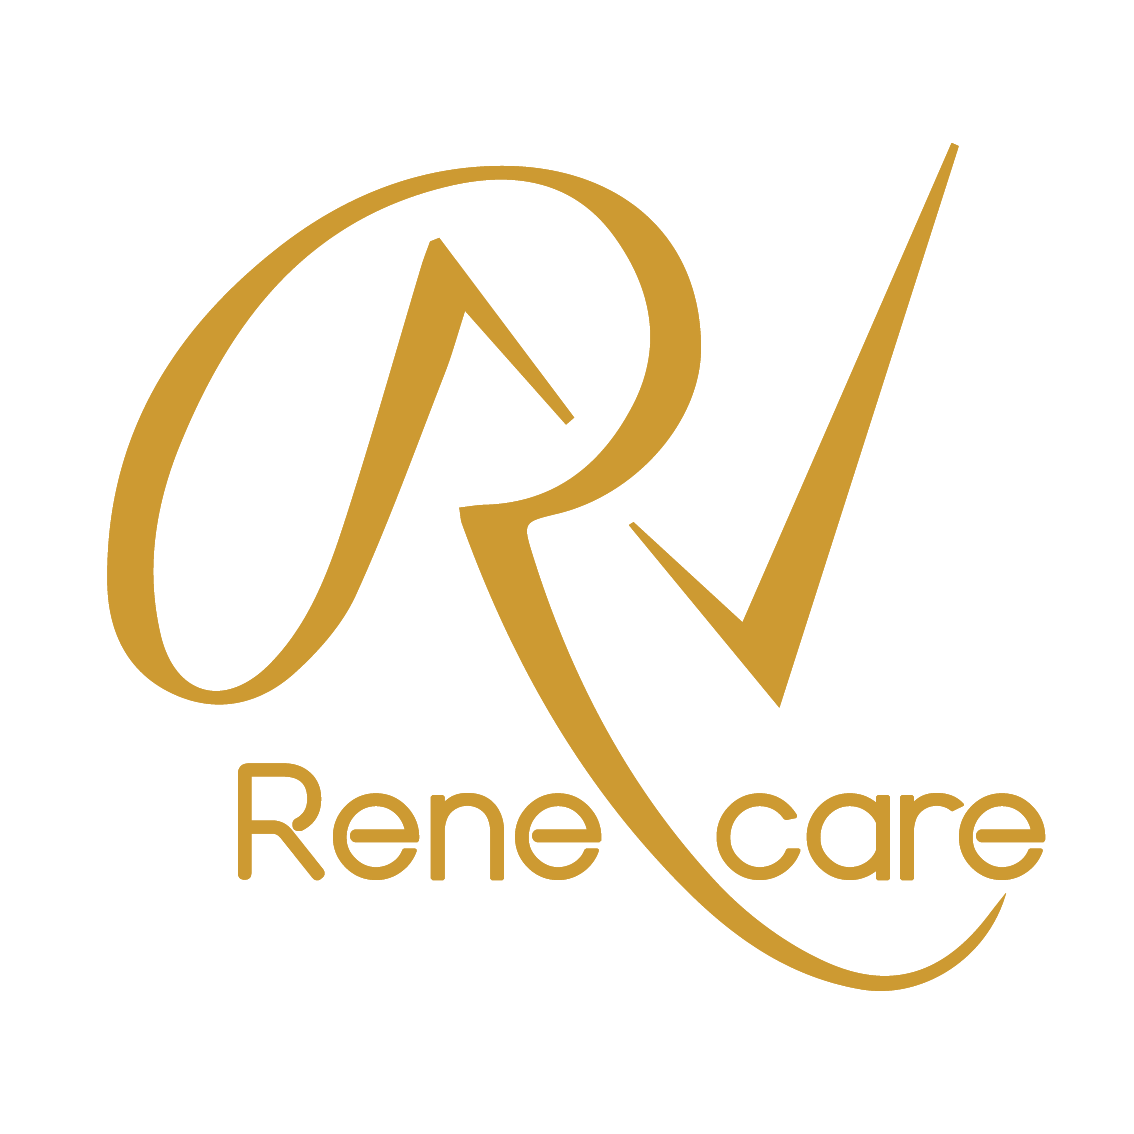 Rene Care – Thương hiệu dược mỹ phẩm nhập khẩu từ Hoa Kỳ